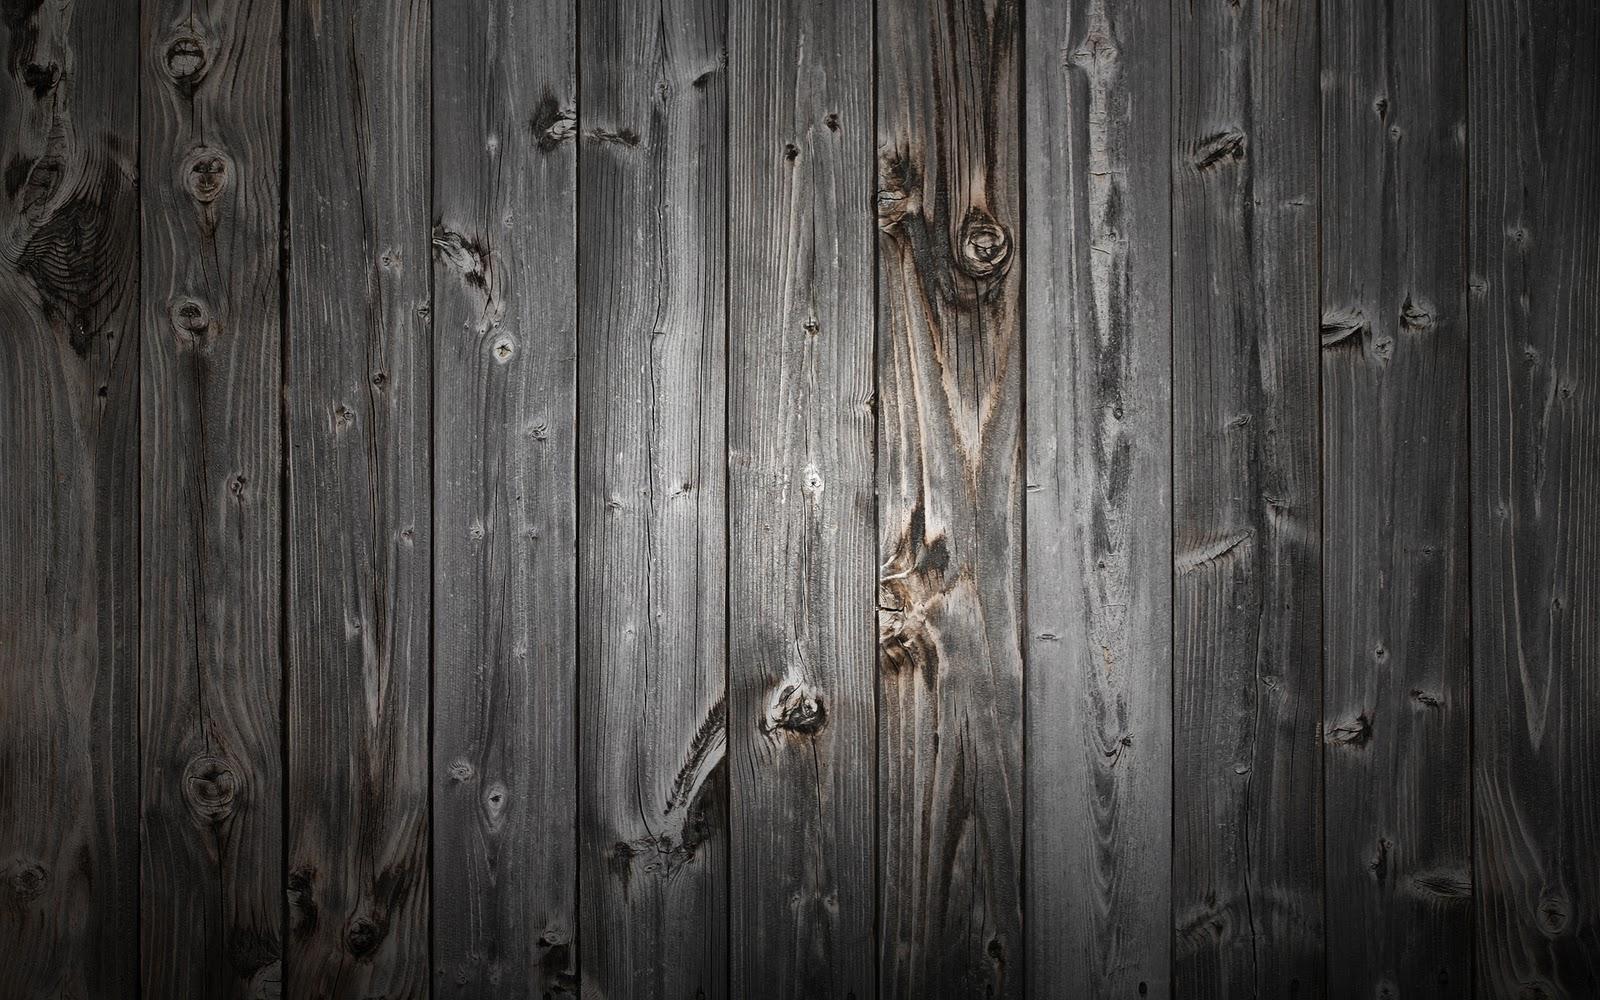 houten achtergronden hd - photo #19